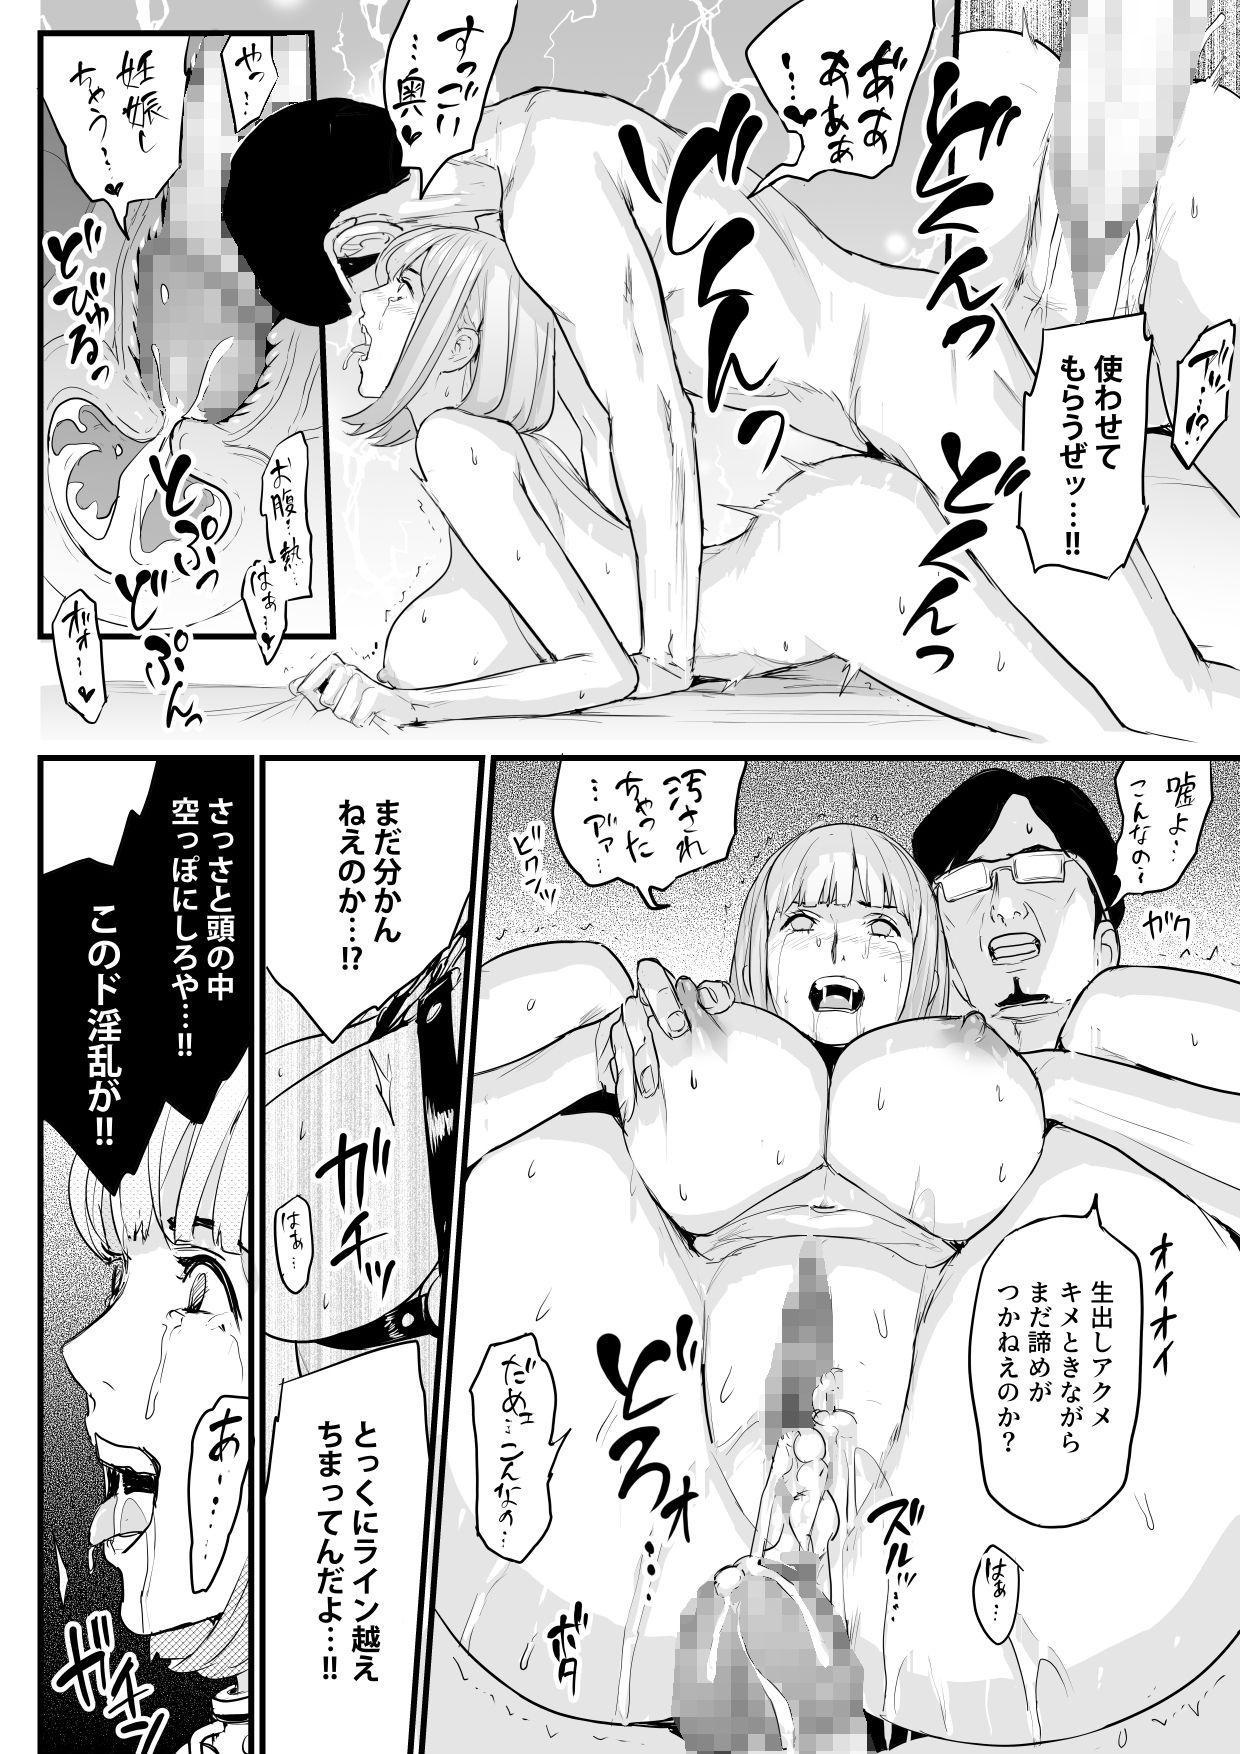 Onna Haitatsuin ga Claim Kyaku ni Choukyou Sareru Hanashi 18